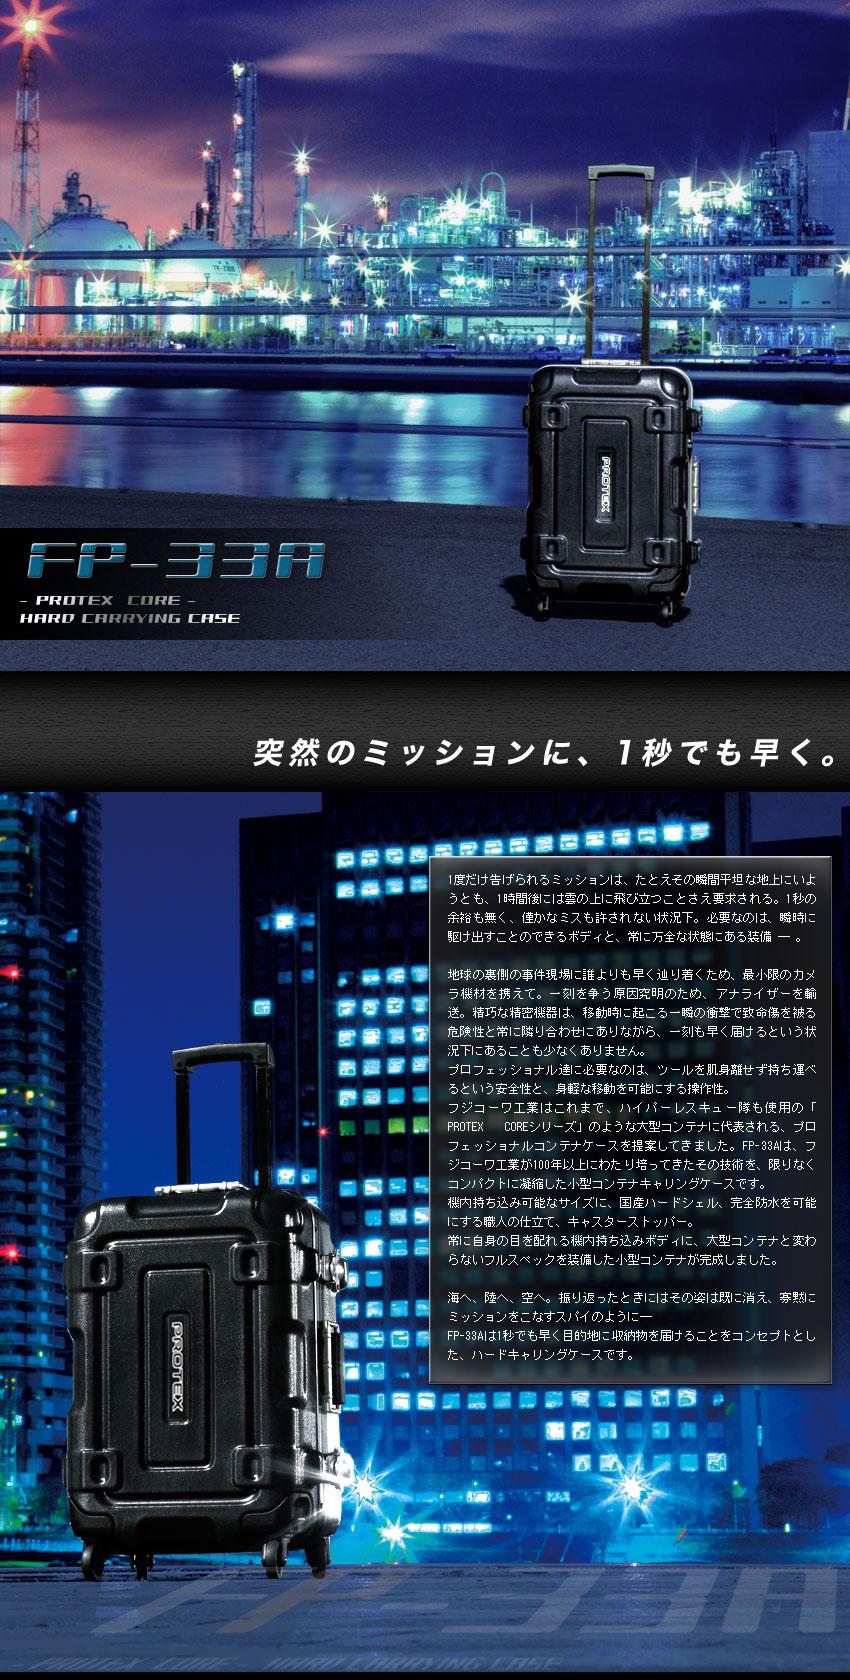 FP-33A